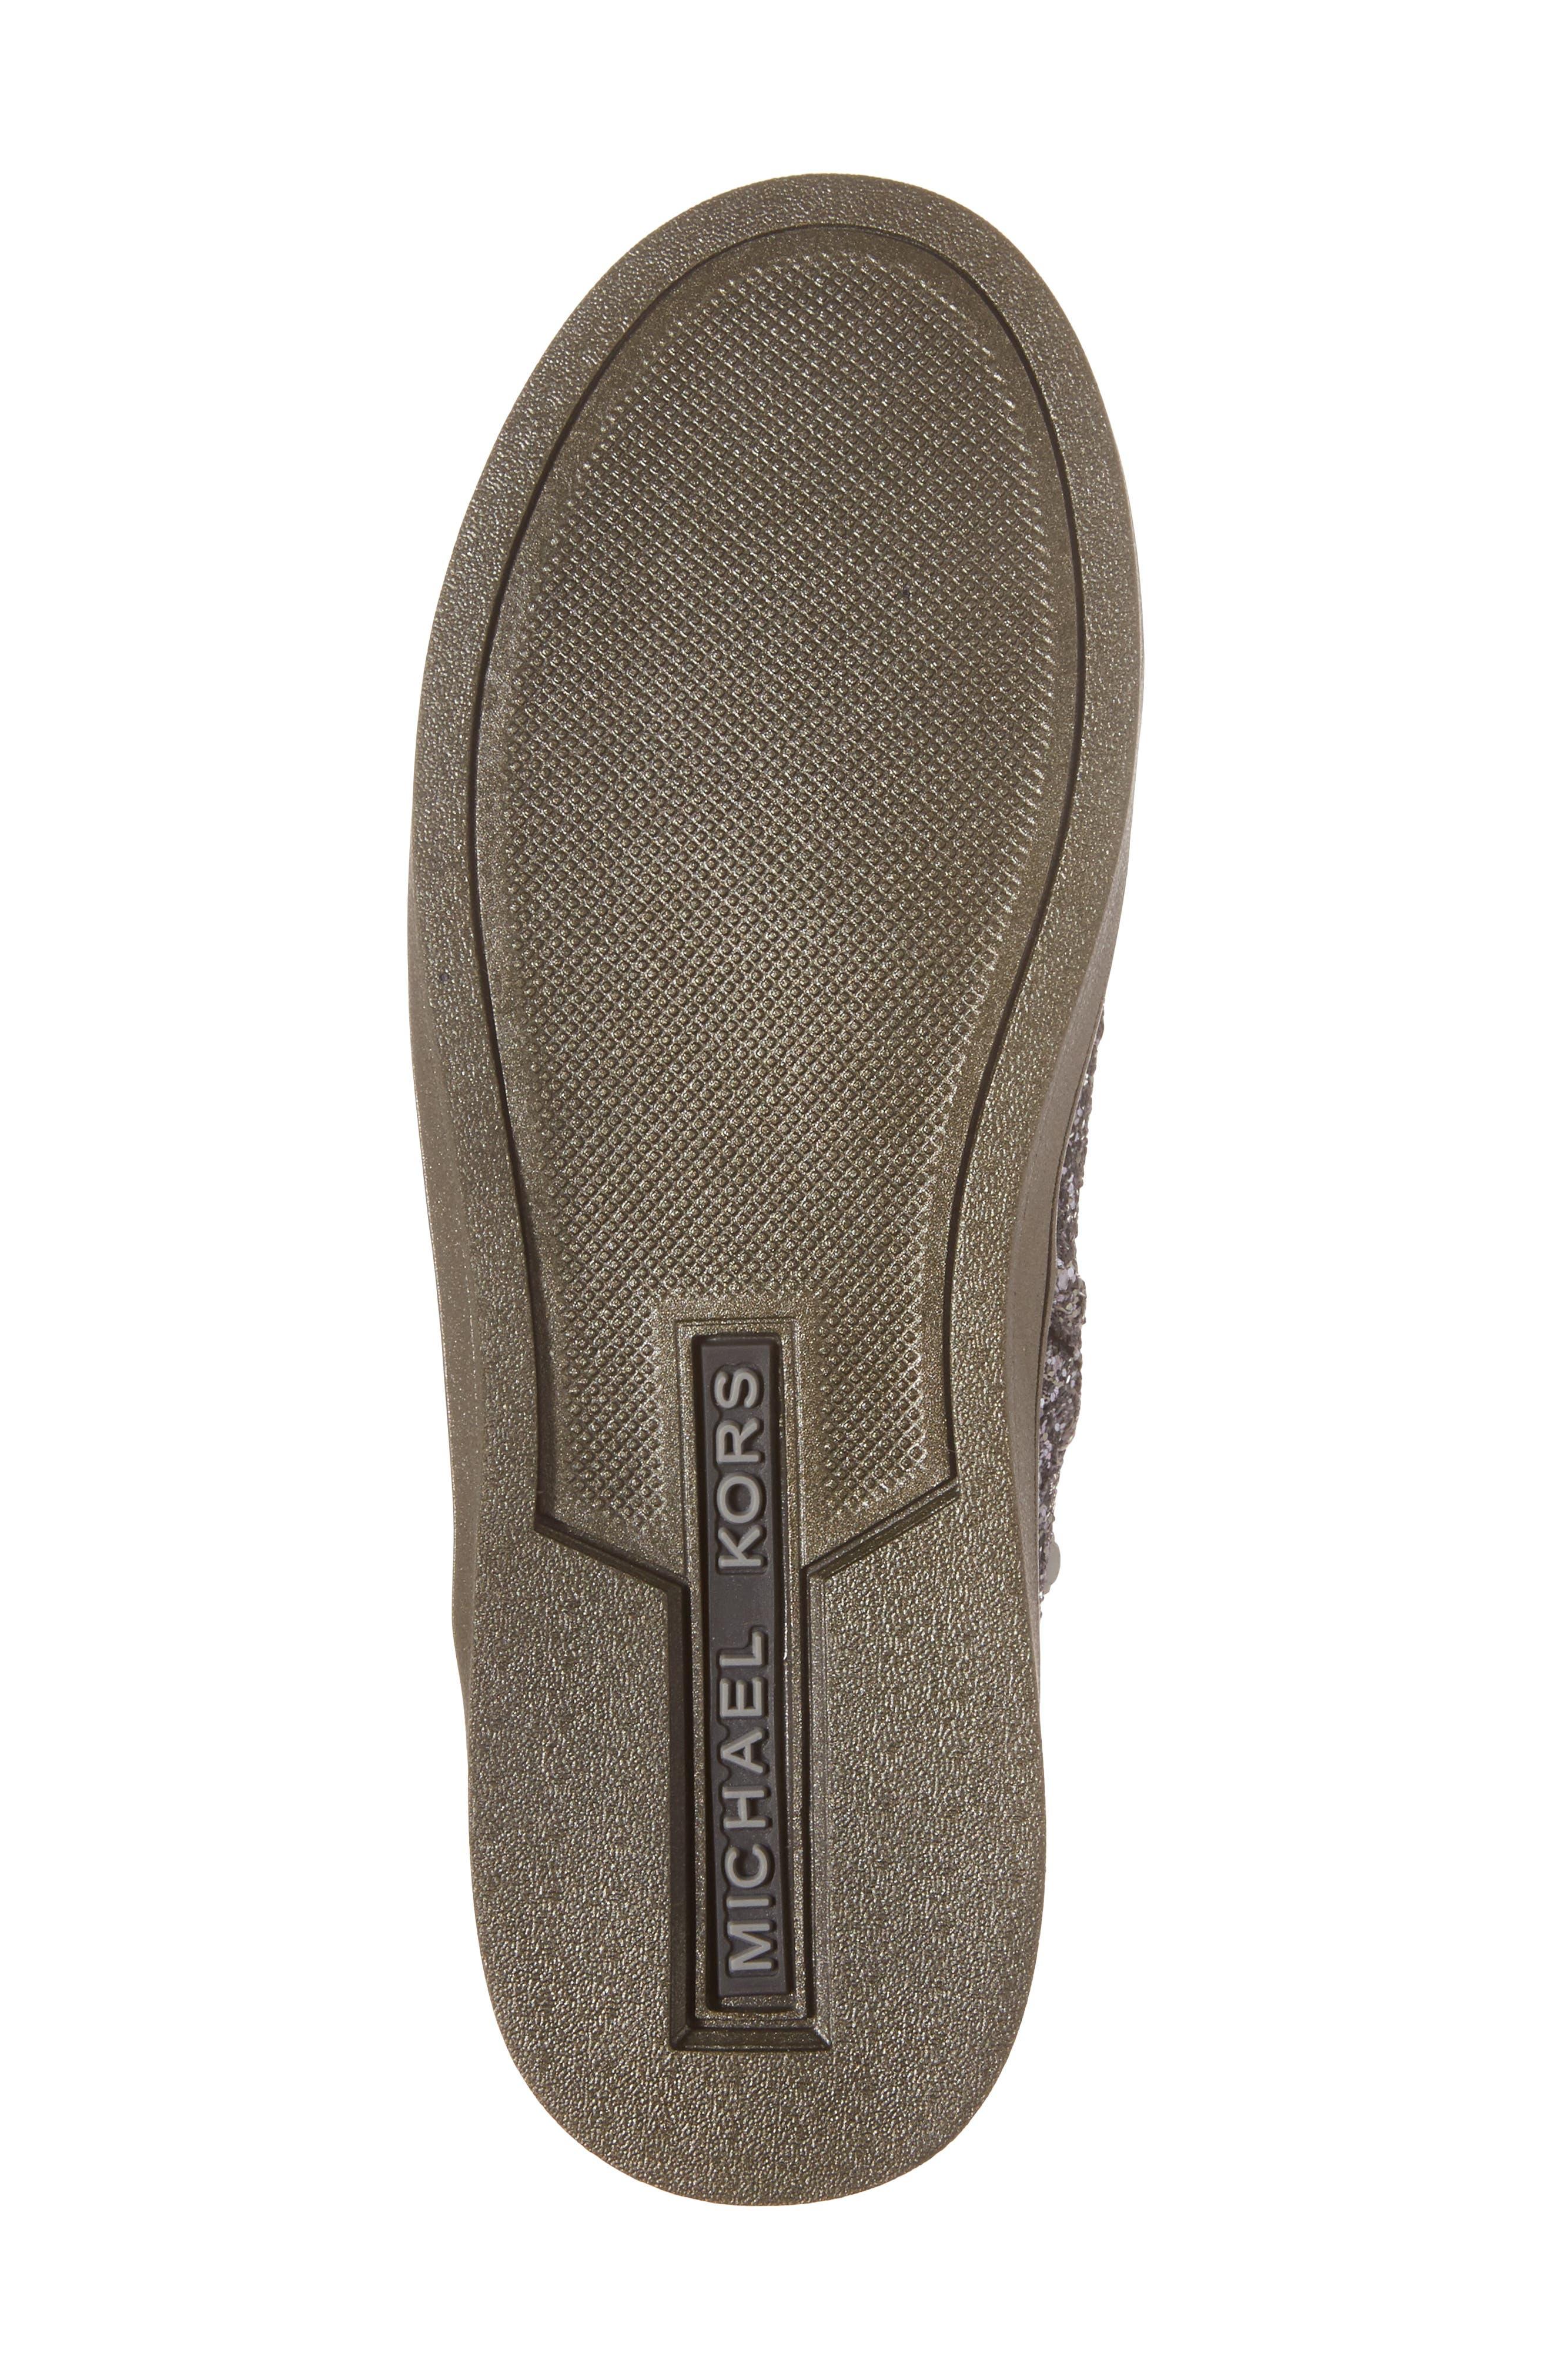 Ollie Rae Glittery Sneaker Boot,                             Alternate thumbnail 6, color,                             040